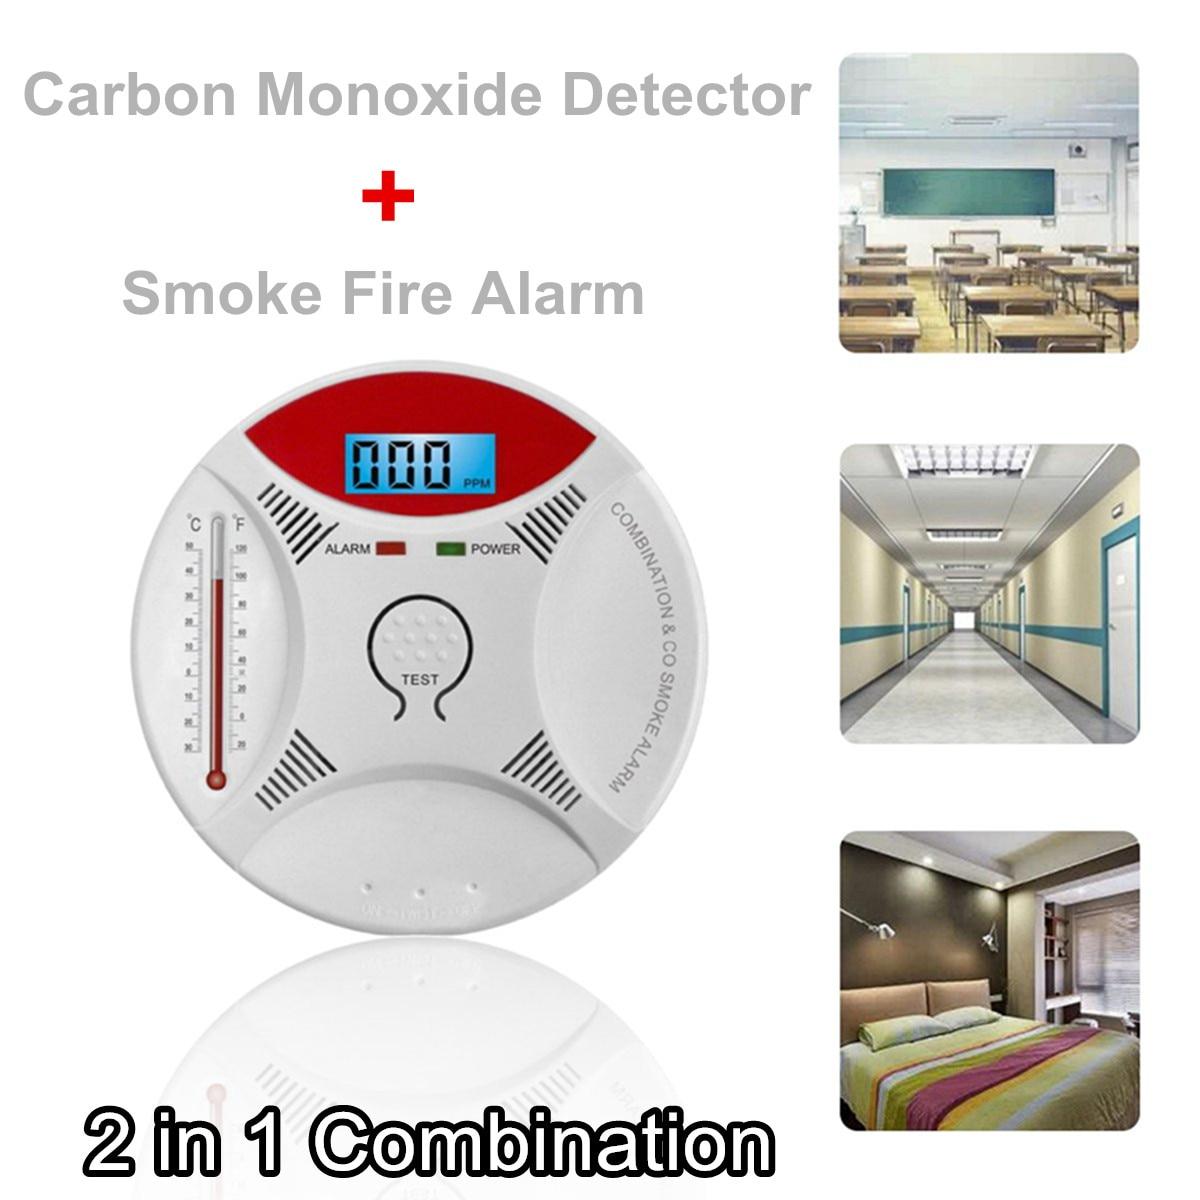 2 en 1 LED alarme de gaz numérique Co monoxyde de carbone détecteur de fumée voix CO avertir capteur Protection de sécurité à domicile haute sensibilité